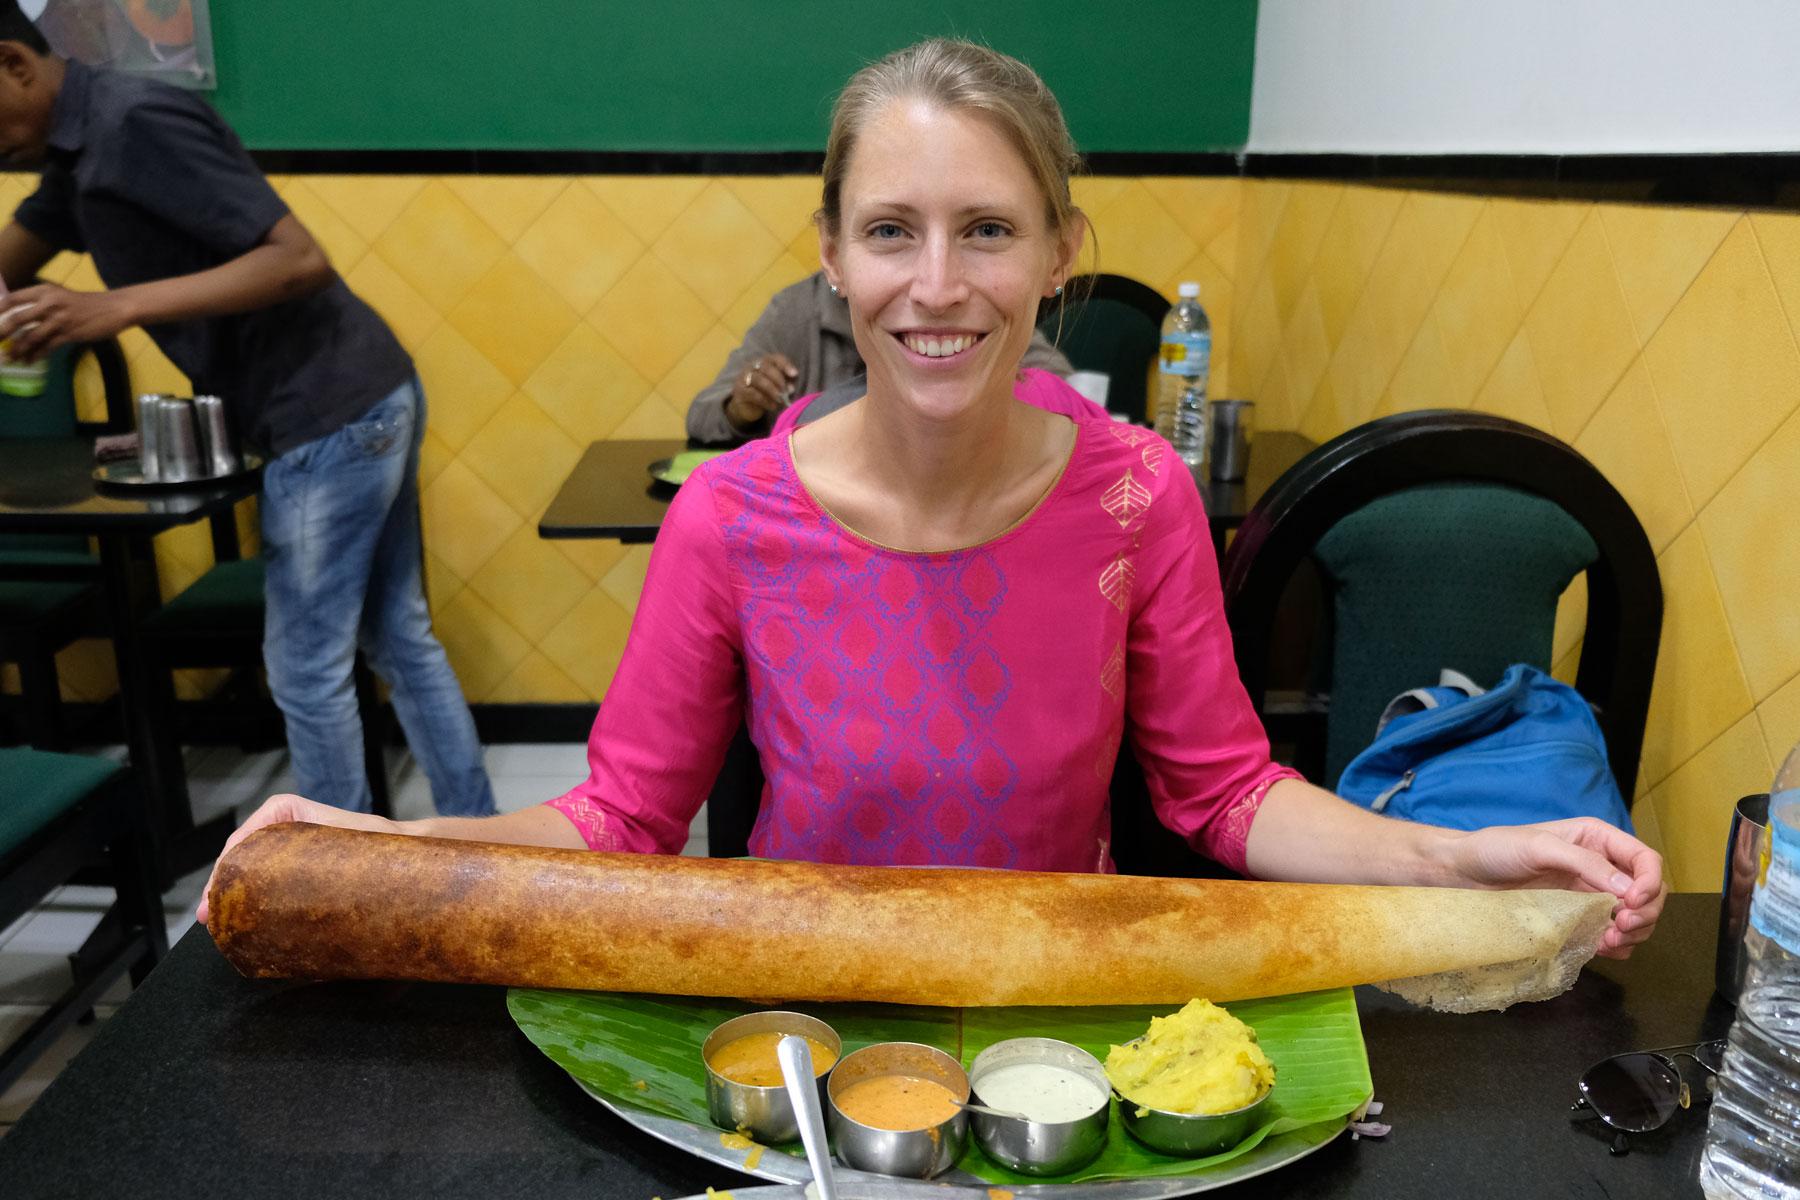 Unser Lieblingsessen in Indien ist Paper Masala Dosa, ein salziger Pfannkuchen, der mit Kartoffelcurry gefüllt ist. (Retrieved from www.eins2frei.com)